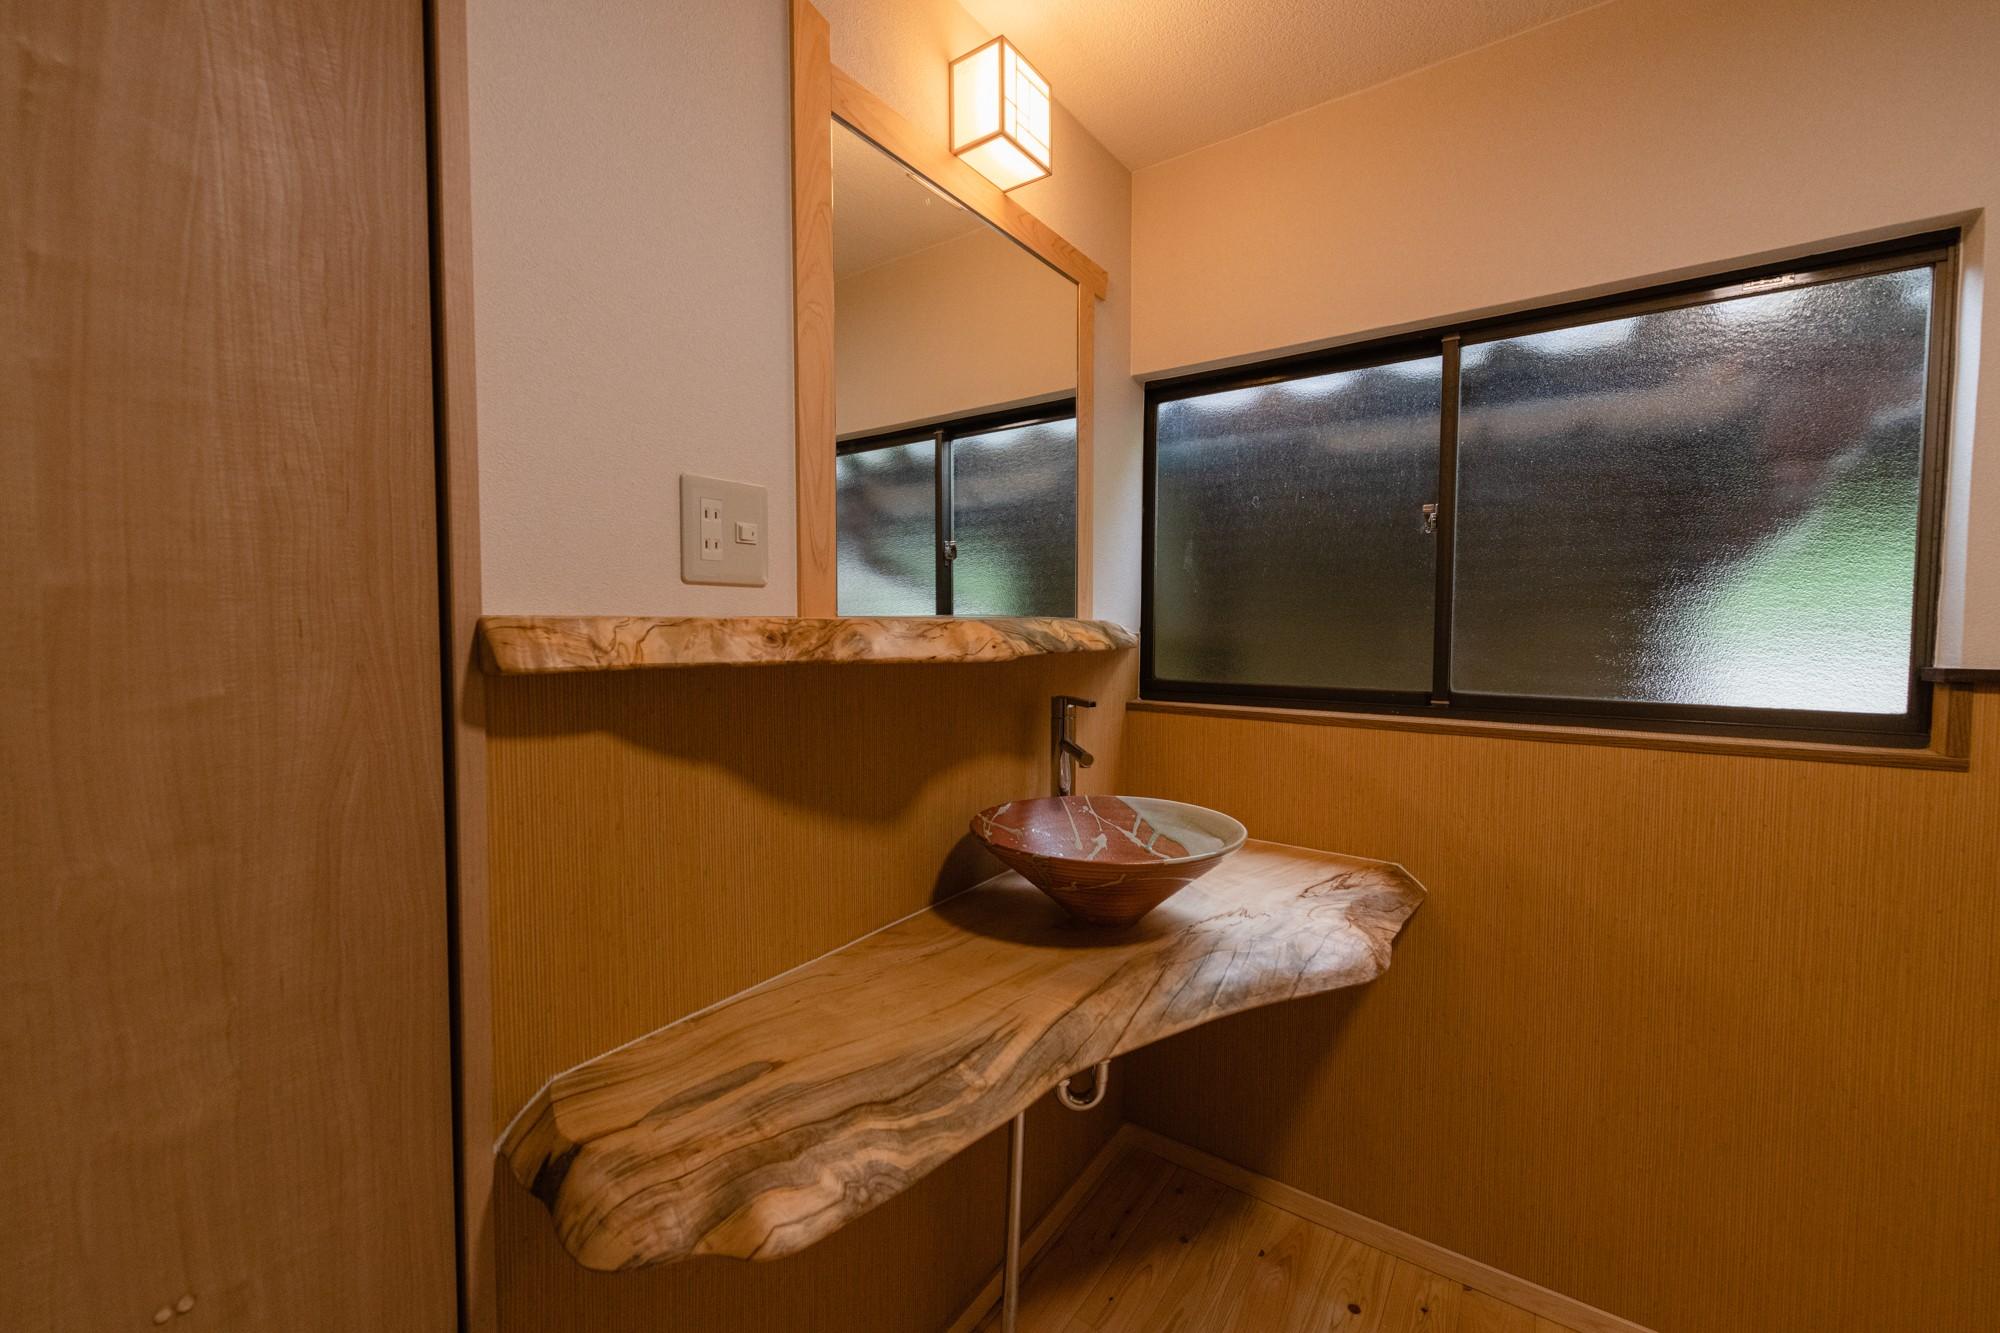 バス/トイレ事例:造作洗面スペース(木のぬくもりのある暮らし)